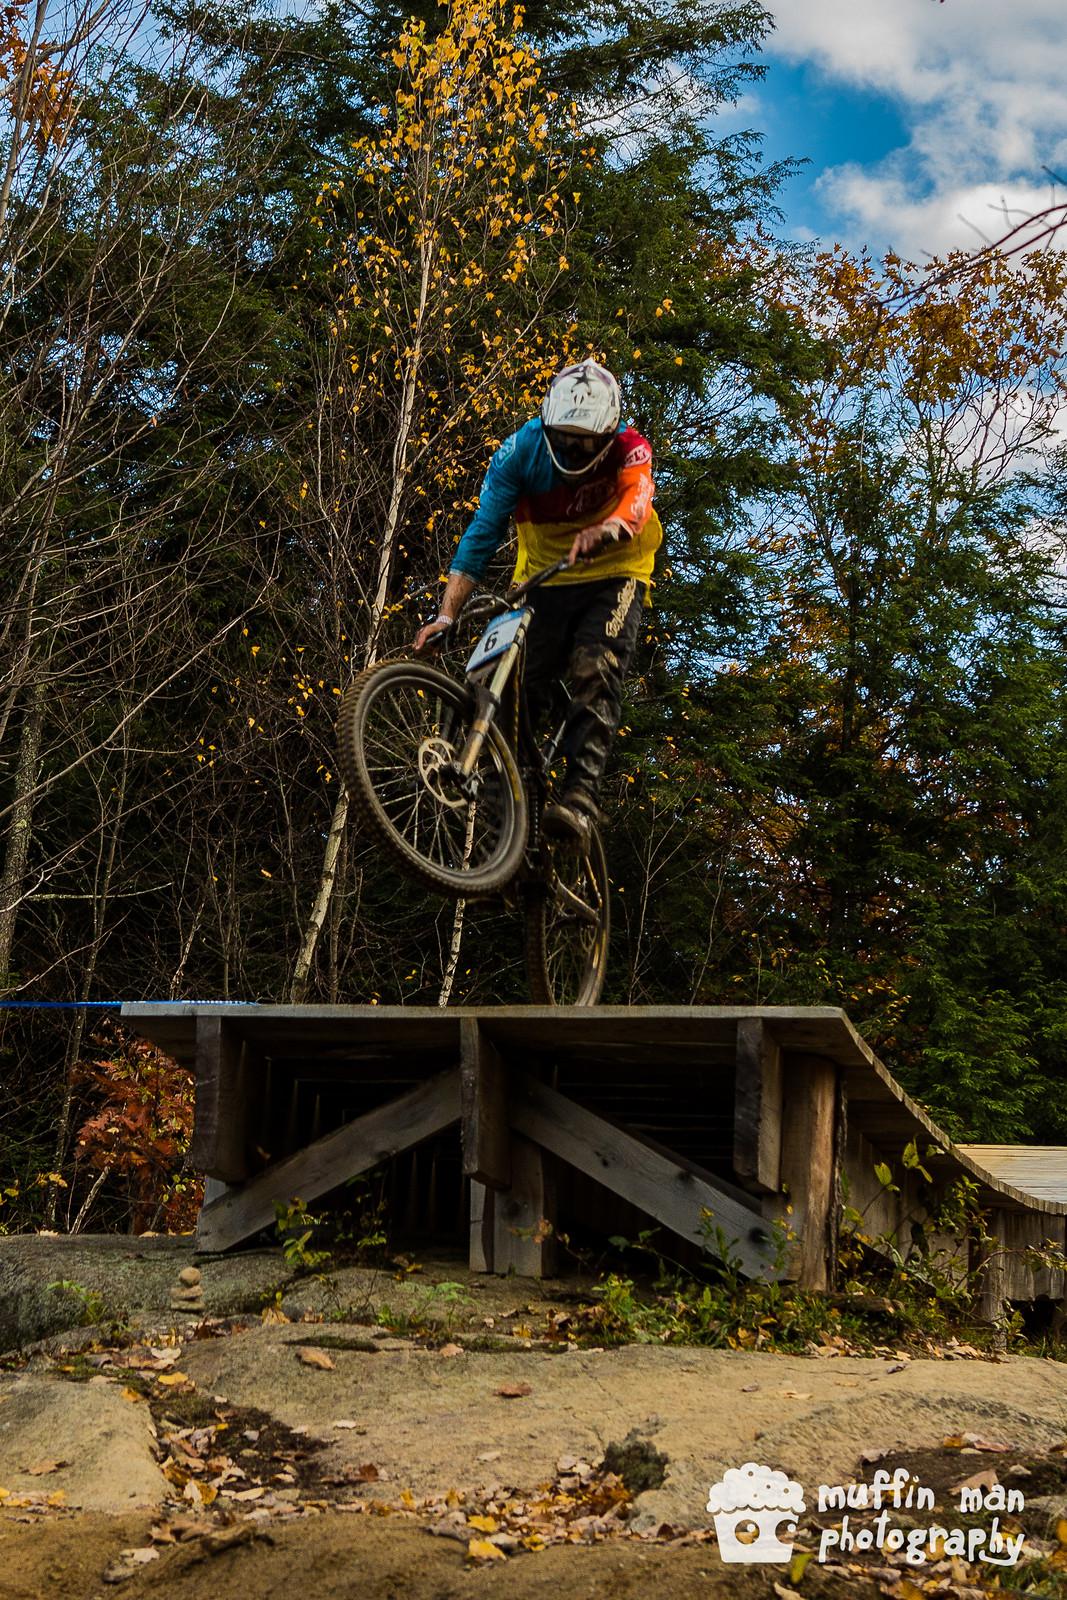 20121021-2I7C0249 - gleb.budilovsky - Mountain Biking Pictures - Vital MTB